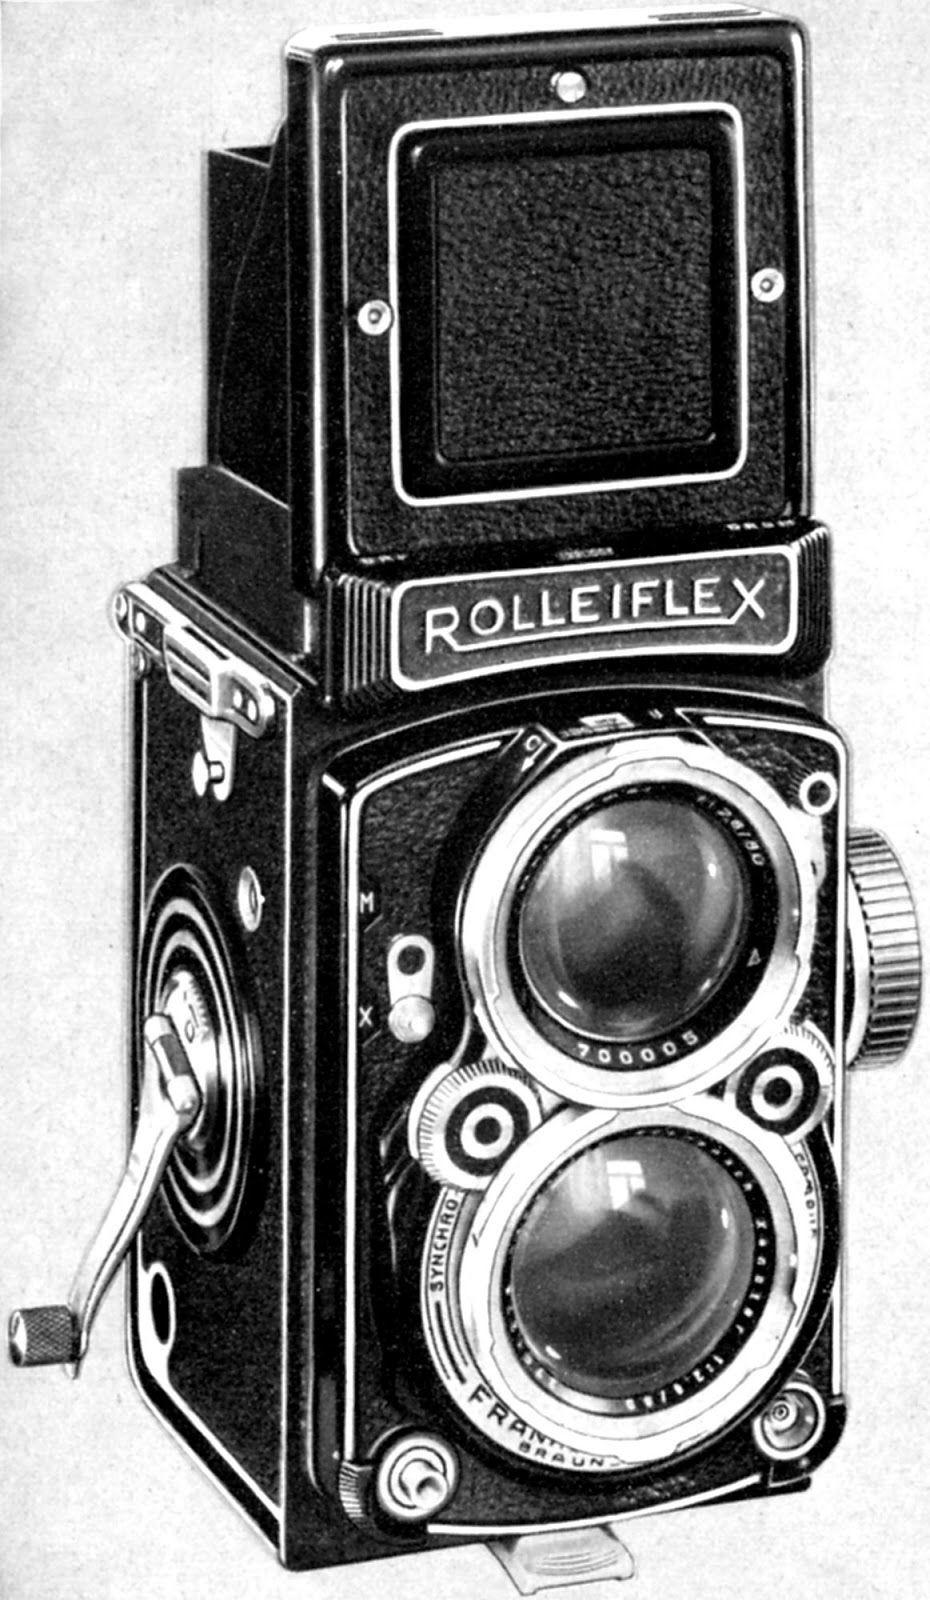 Appareil Photo Vintage Avec Images Clip Art Vintage Dessin